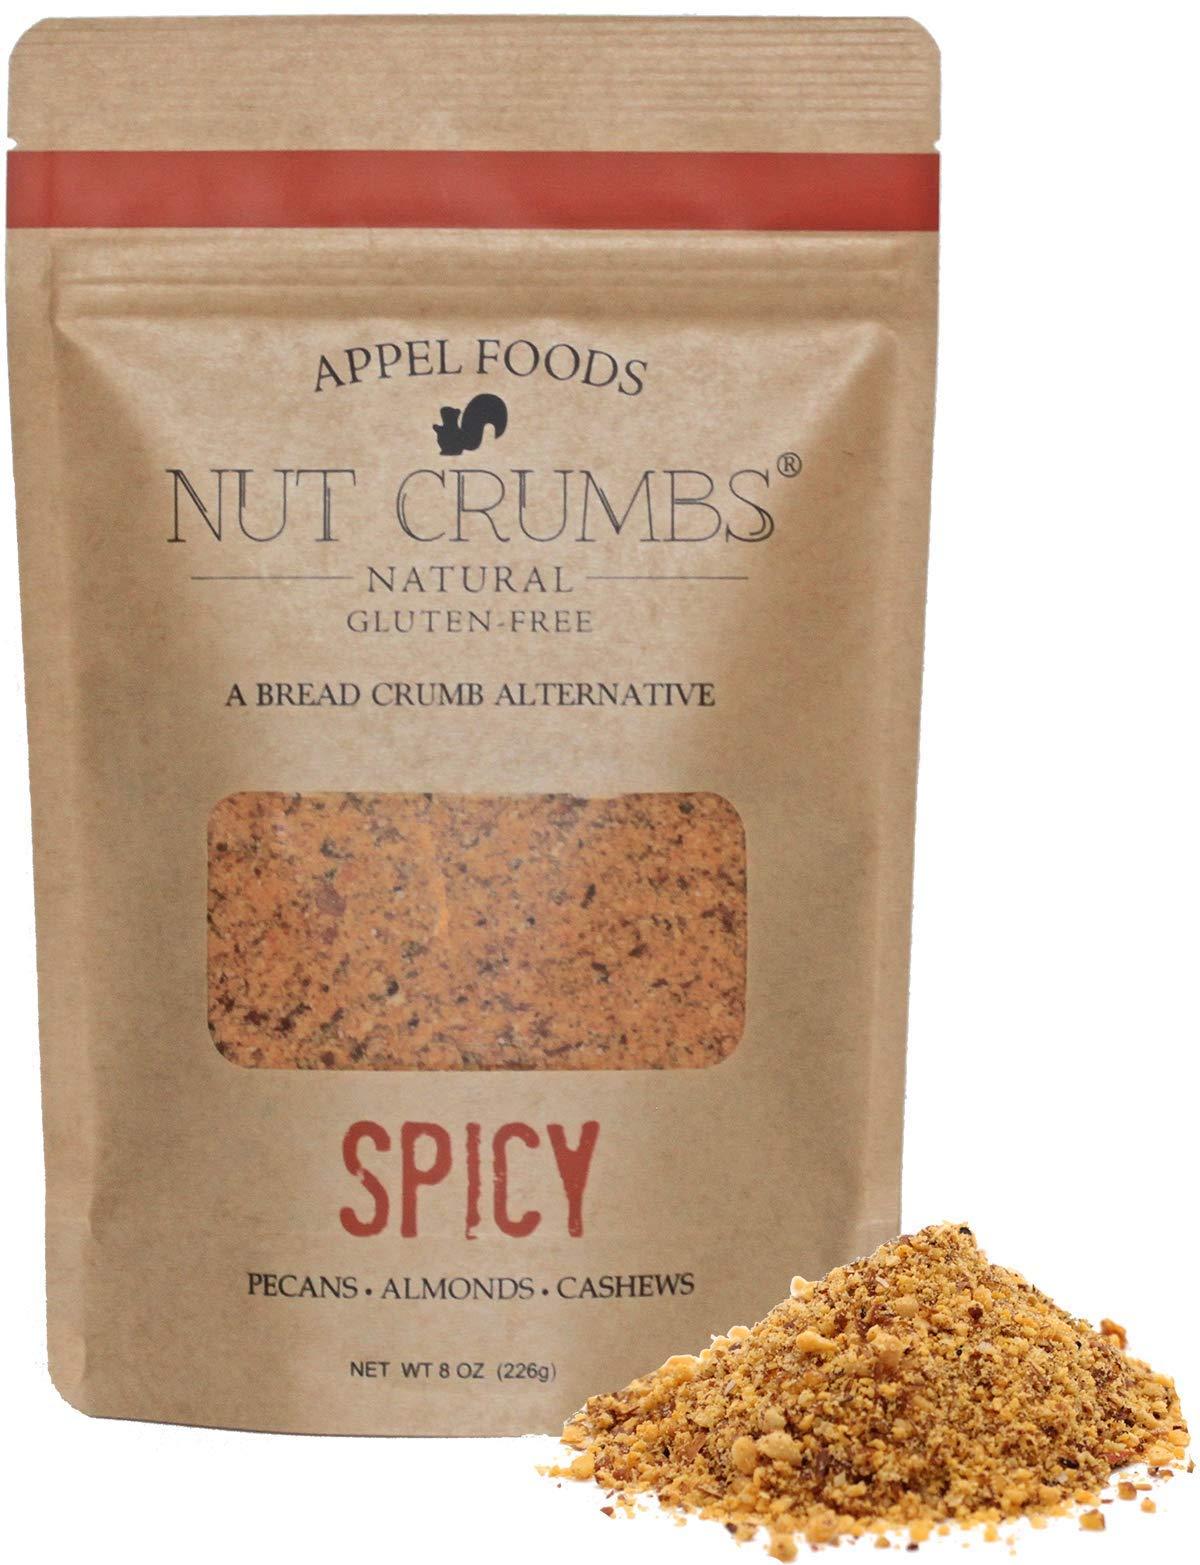 Appel Foods - Nut Crumbs - Bread Crumb Alternative - Gluten Free - Sugar Free - Low Carb - Low Sodium - Raw, Premium Nuts - Spicy by Appel Foods Nut Crumbs Natural Gluten-Free A Bread Crumb Alternative